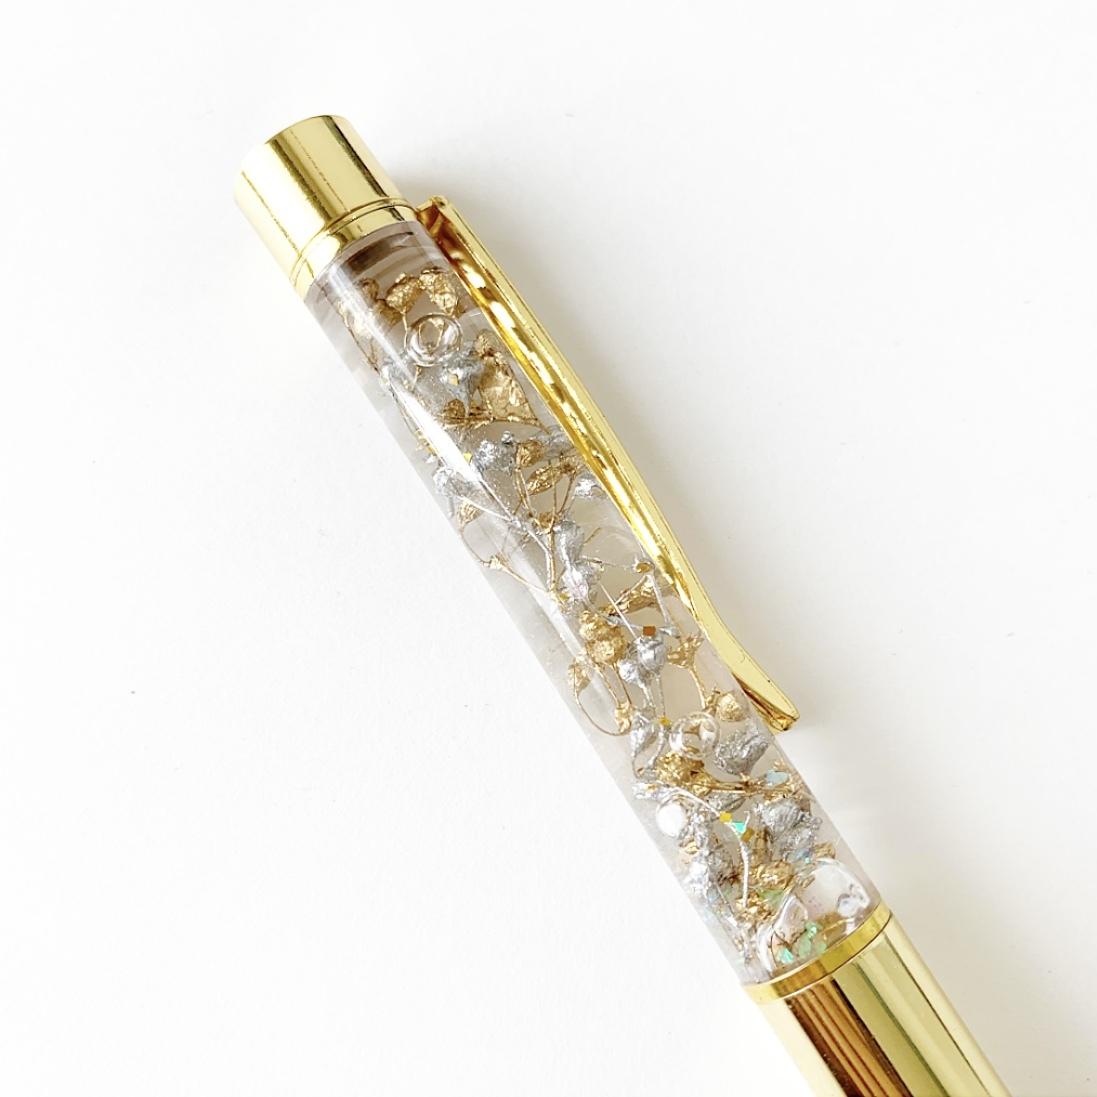 クリアケースラッピング付きハーバリウムペン(ゴールド×シルバー)